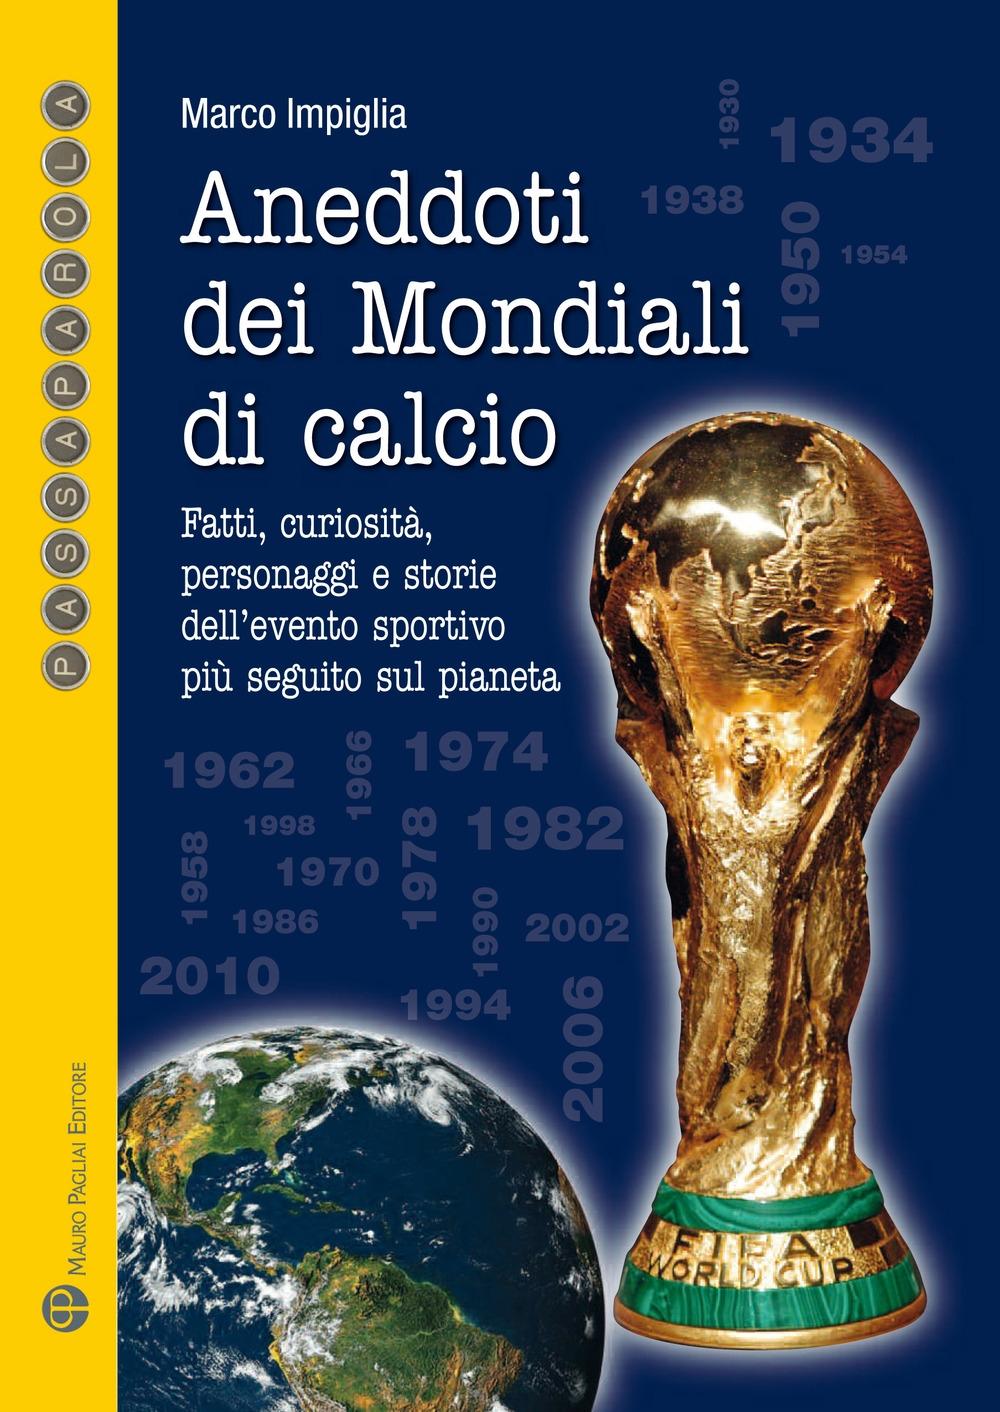 Aneddoti dei mondiali di calcio. Fatti, curiosità, personaggi e storiedell'evento sportivo più seguito sul pianeta